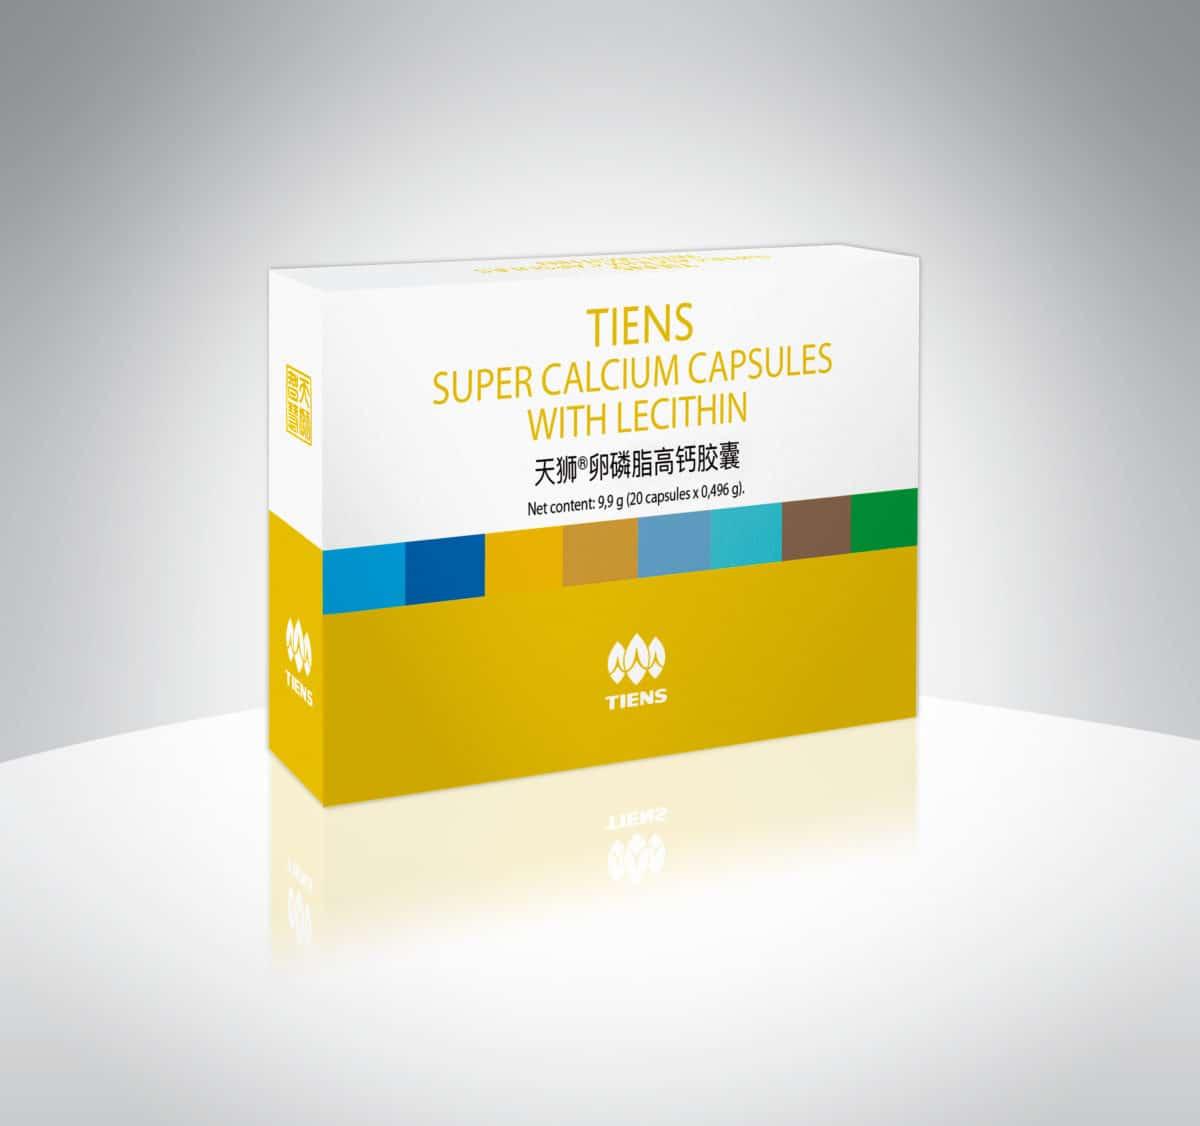 tiens super calcium capsules with lecithin